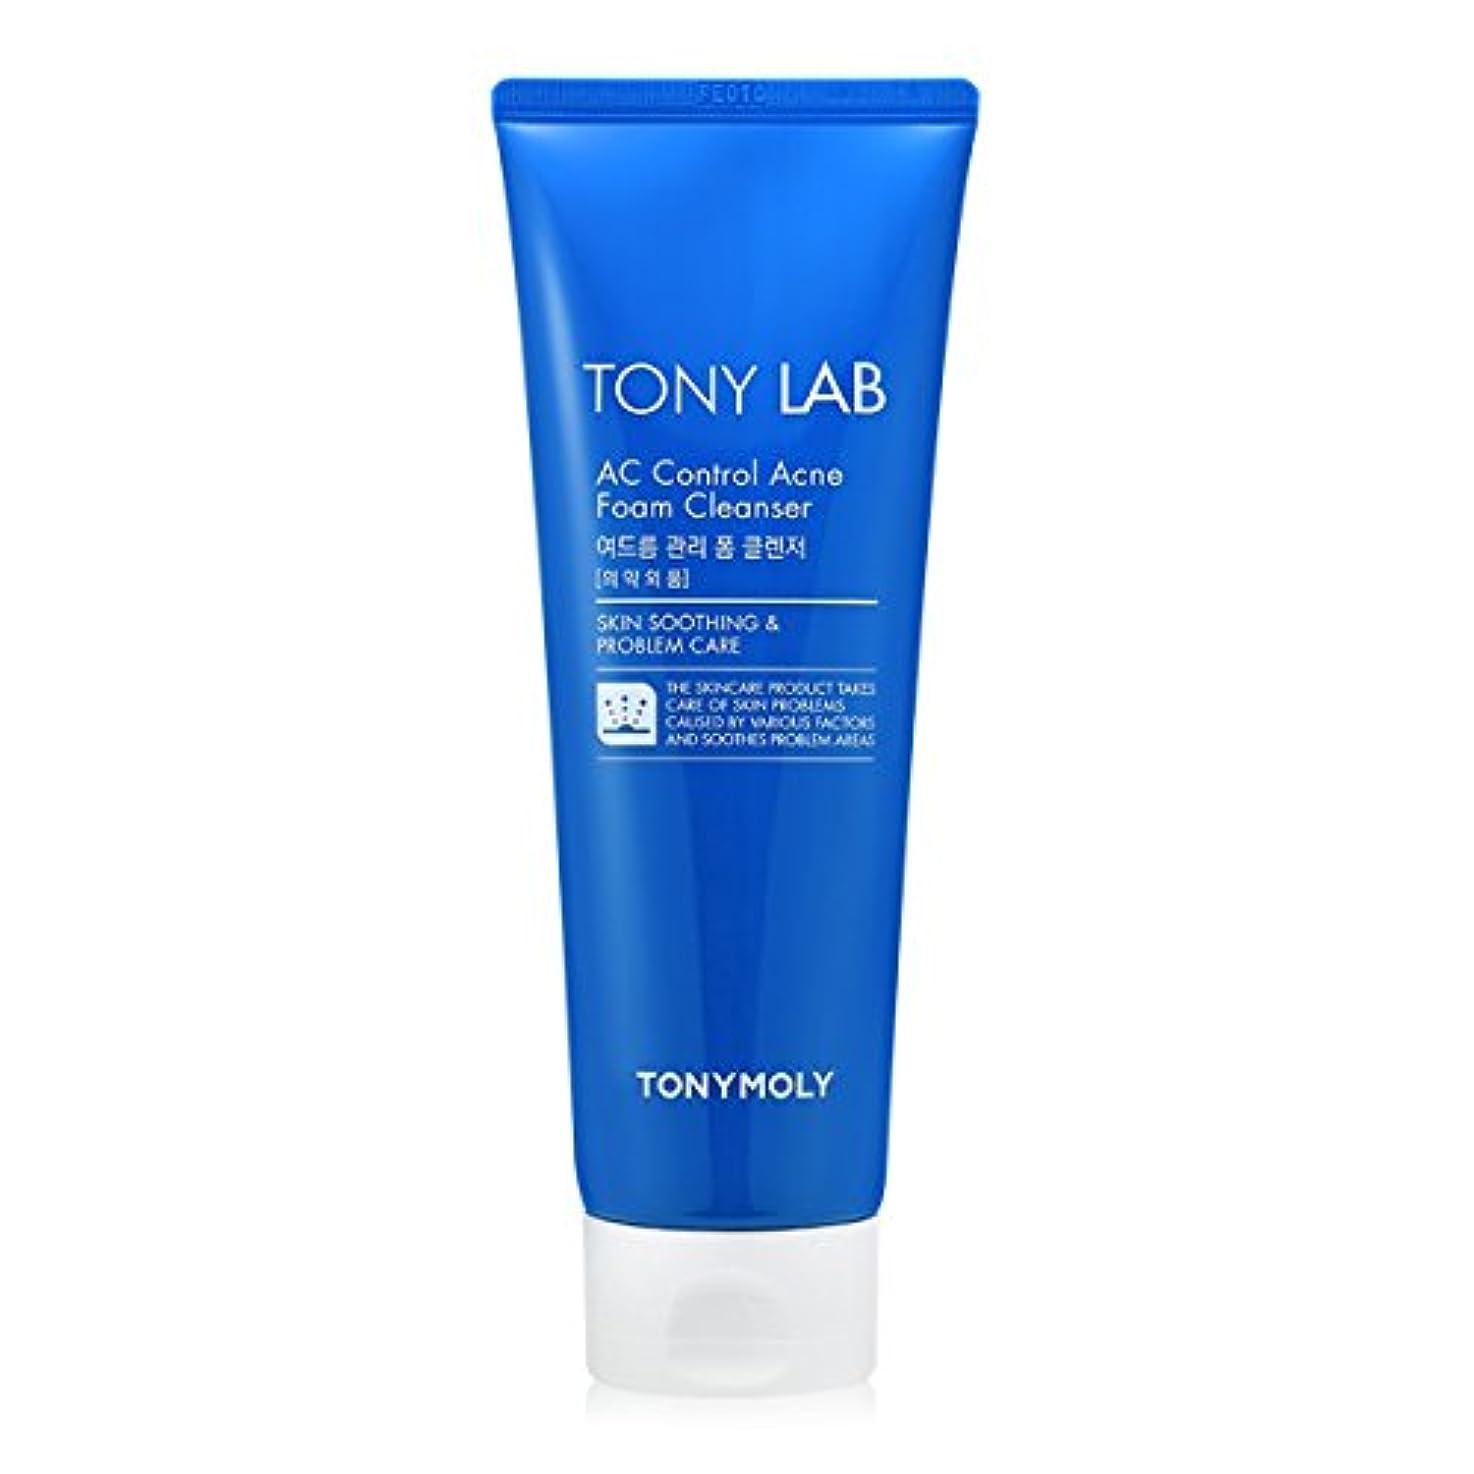 上昇写真を撮る底[New] TONYMOLY Tony Lab AC Control Acne Foam Cleanser 150ml/トニーモリー トニー ラボ AC コントロール アクネ フォーム クレンザー 150ml [並行輸入品]